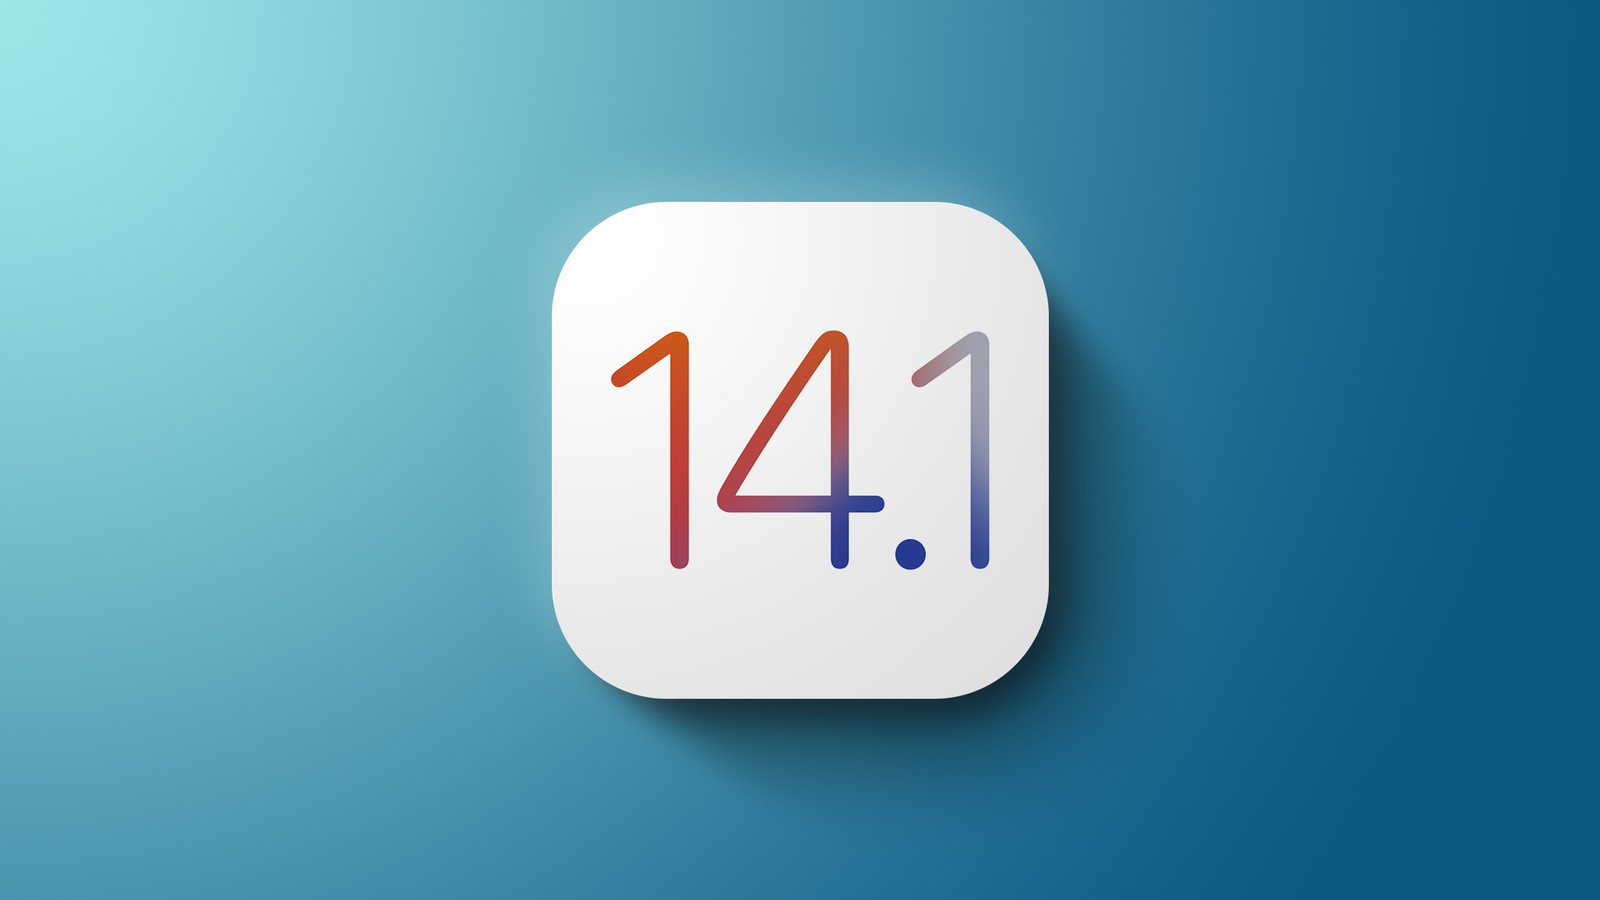 IOS 14.1官方版_iOS 14.1官方版一键刷教程